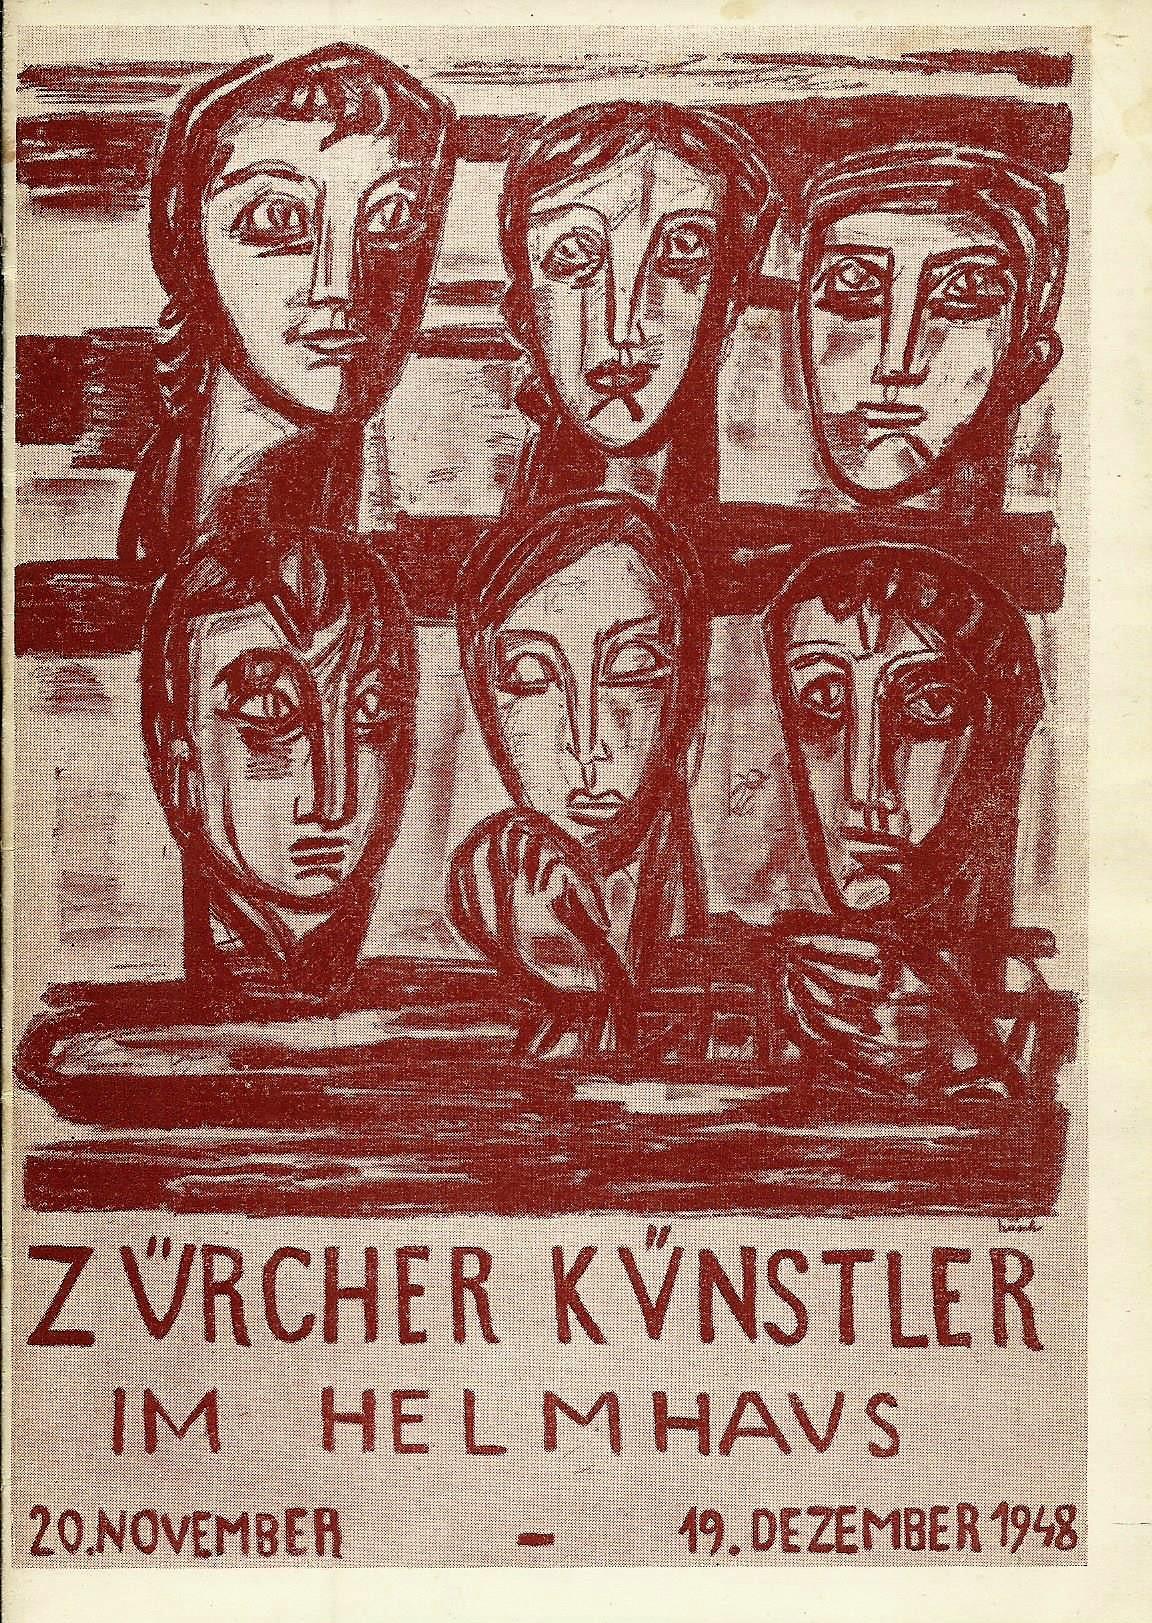 Ausstellung Zürcher Künstler im Helmhaus, 20. November: Stadt Zürich, Hrsg.